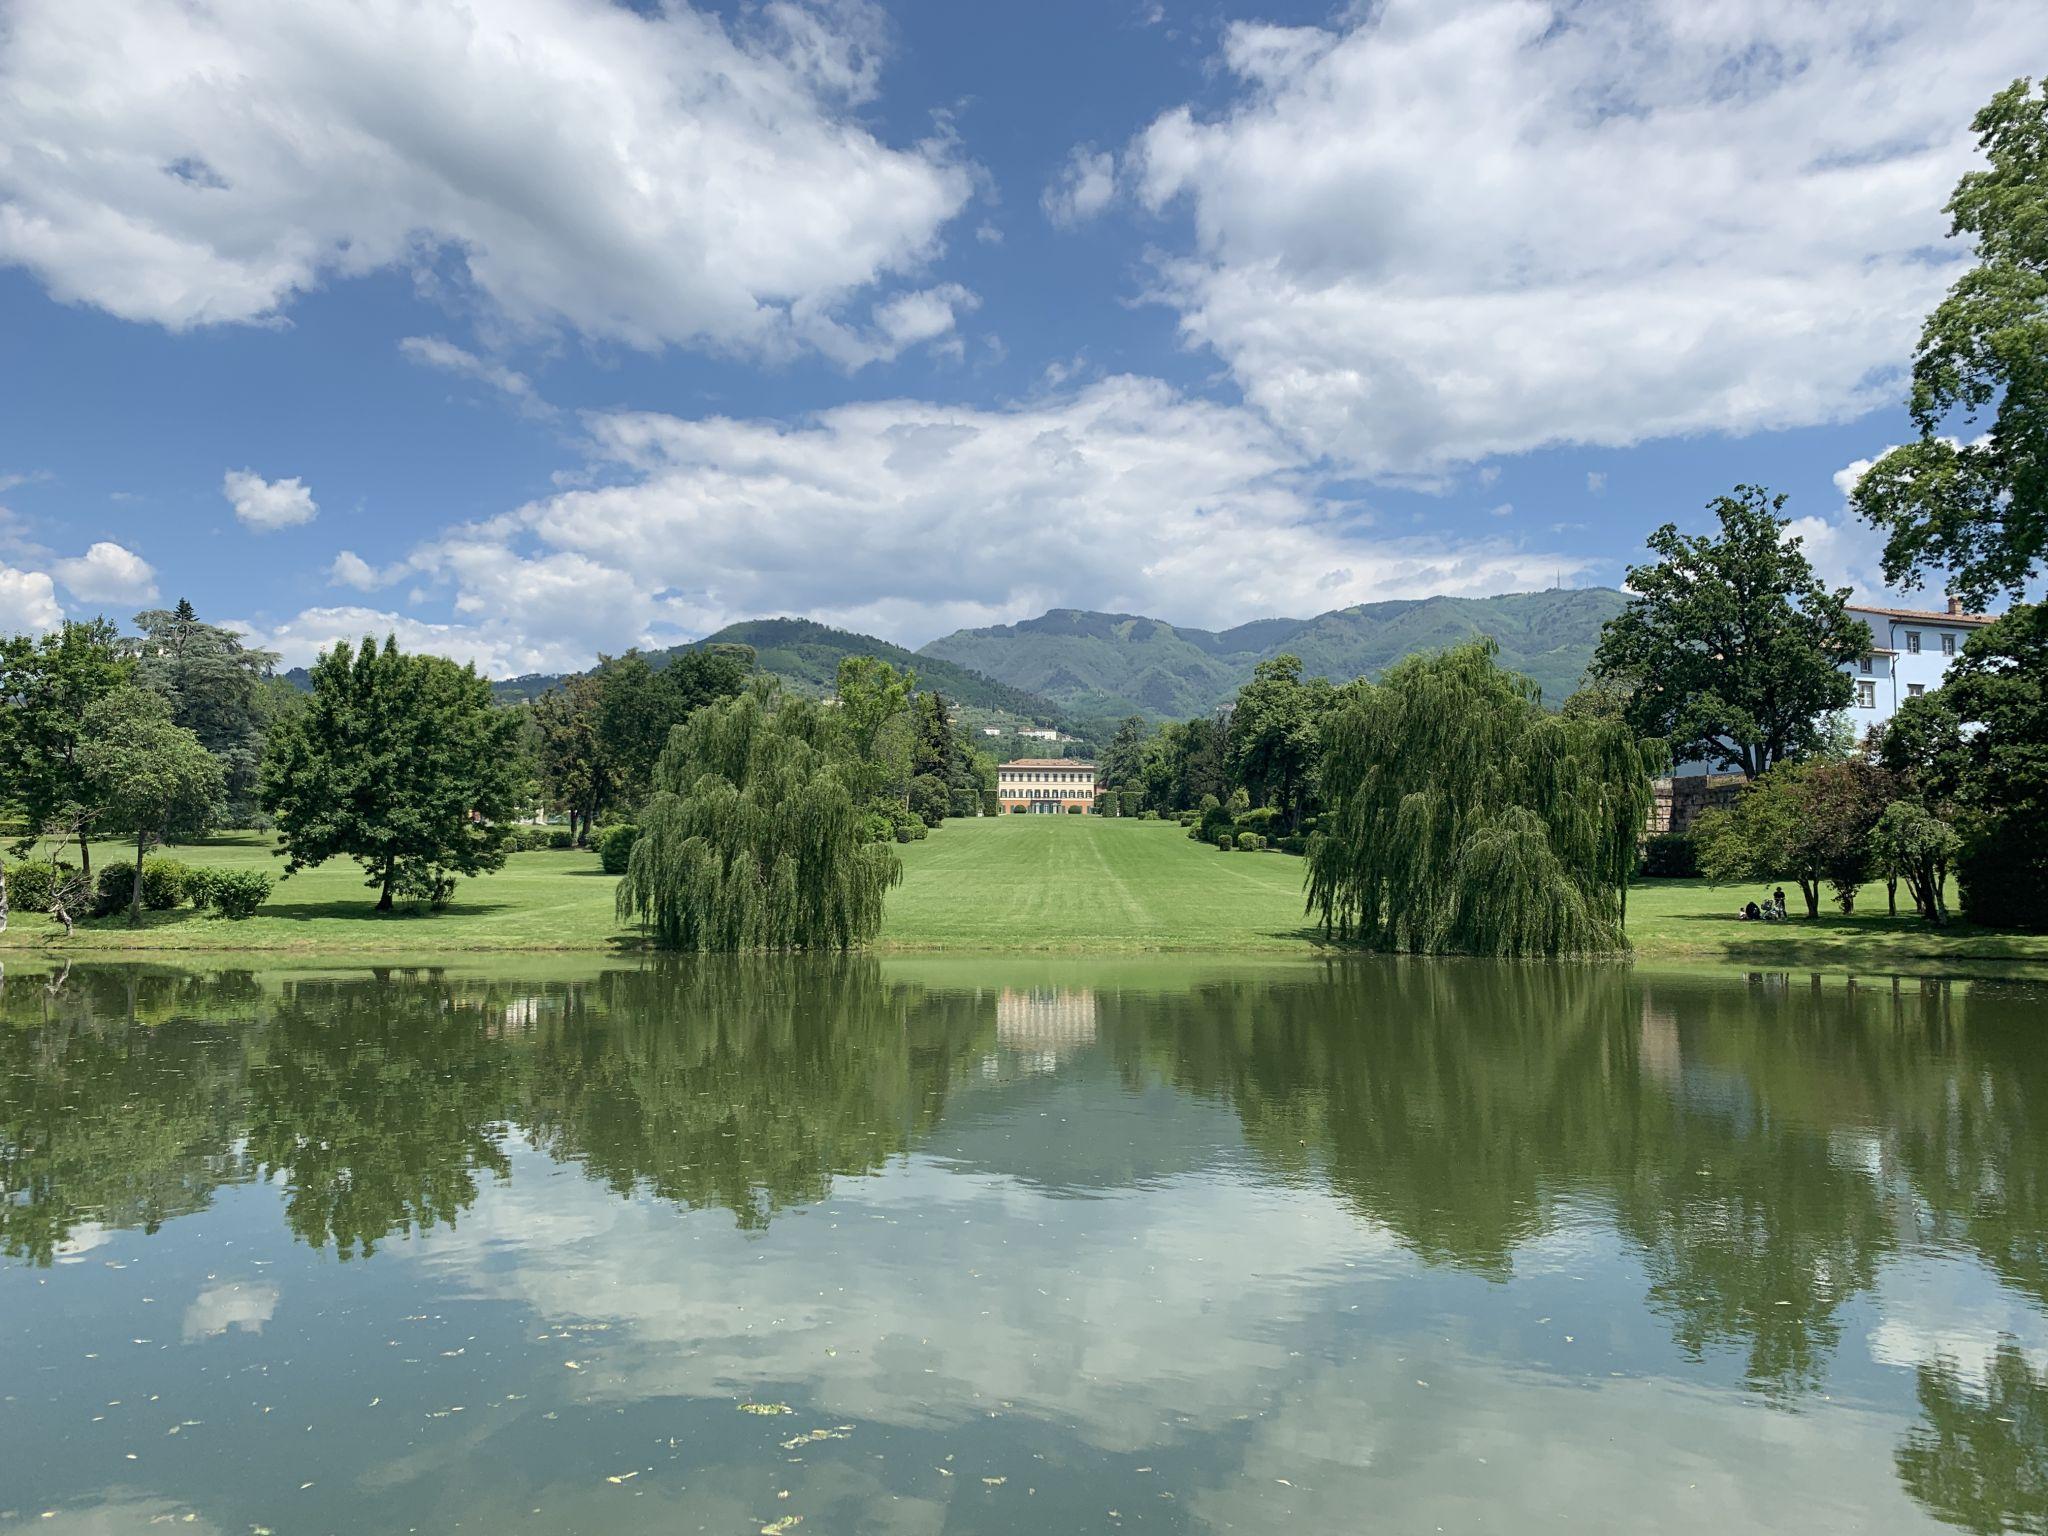 Villa Reale, Italy